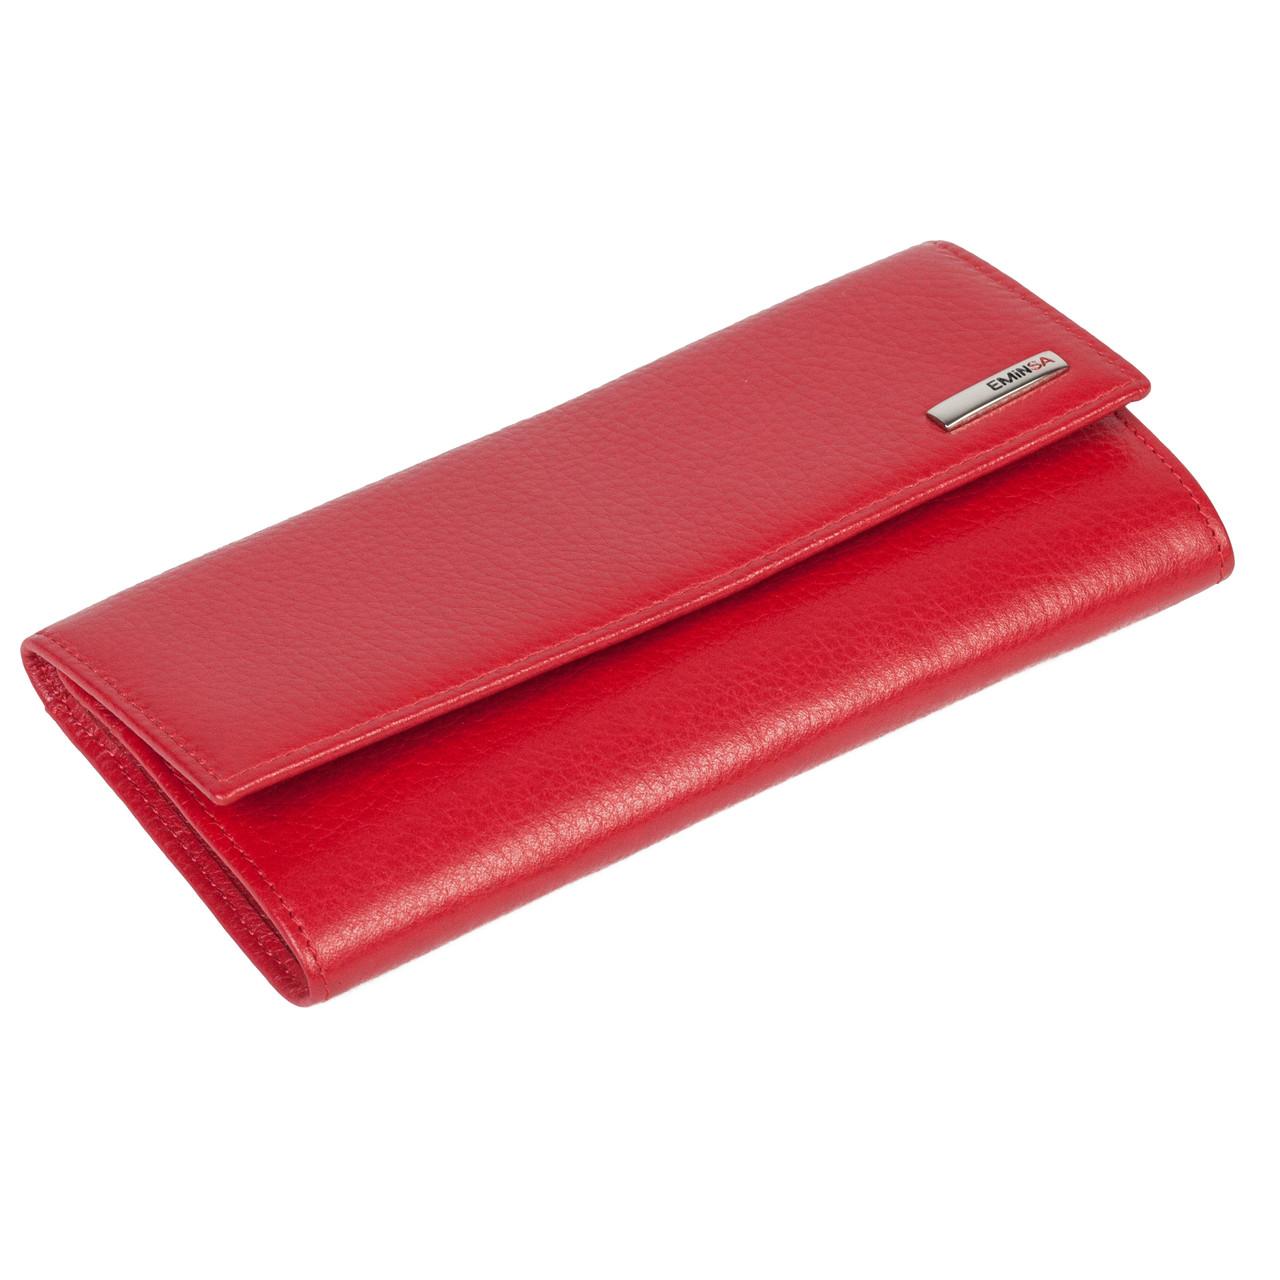 Женский кошелек Eminsa 2060-18-5 кожаный красный